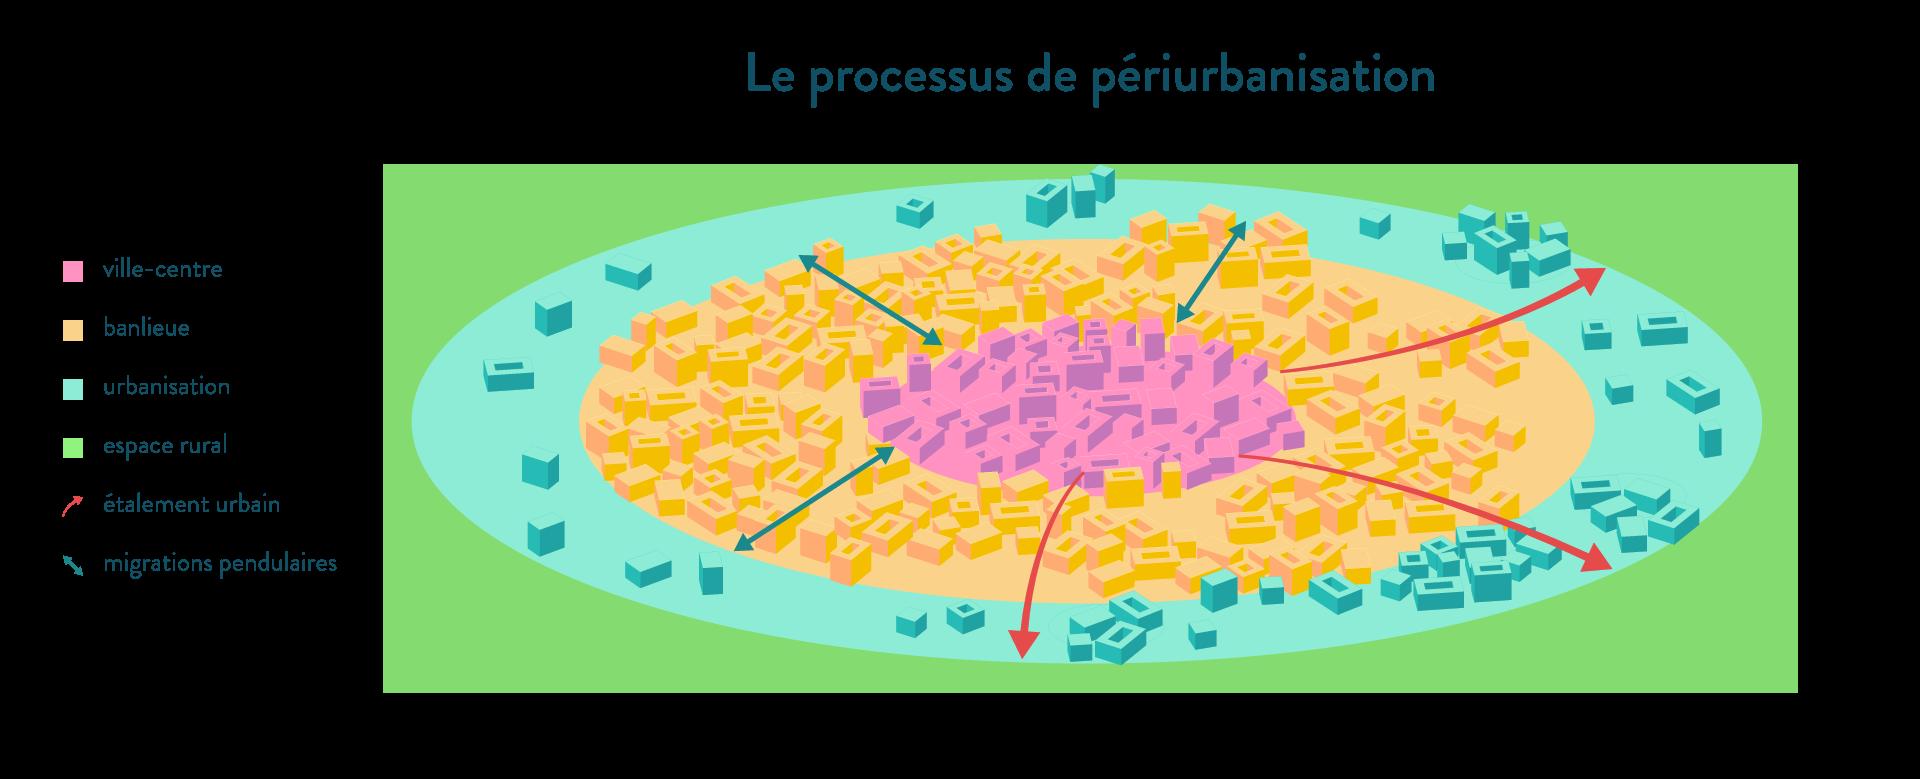 Le processus de périurbanisation - SchoolMouv - géographie - 1re